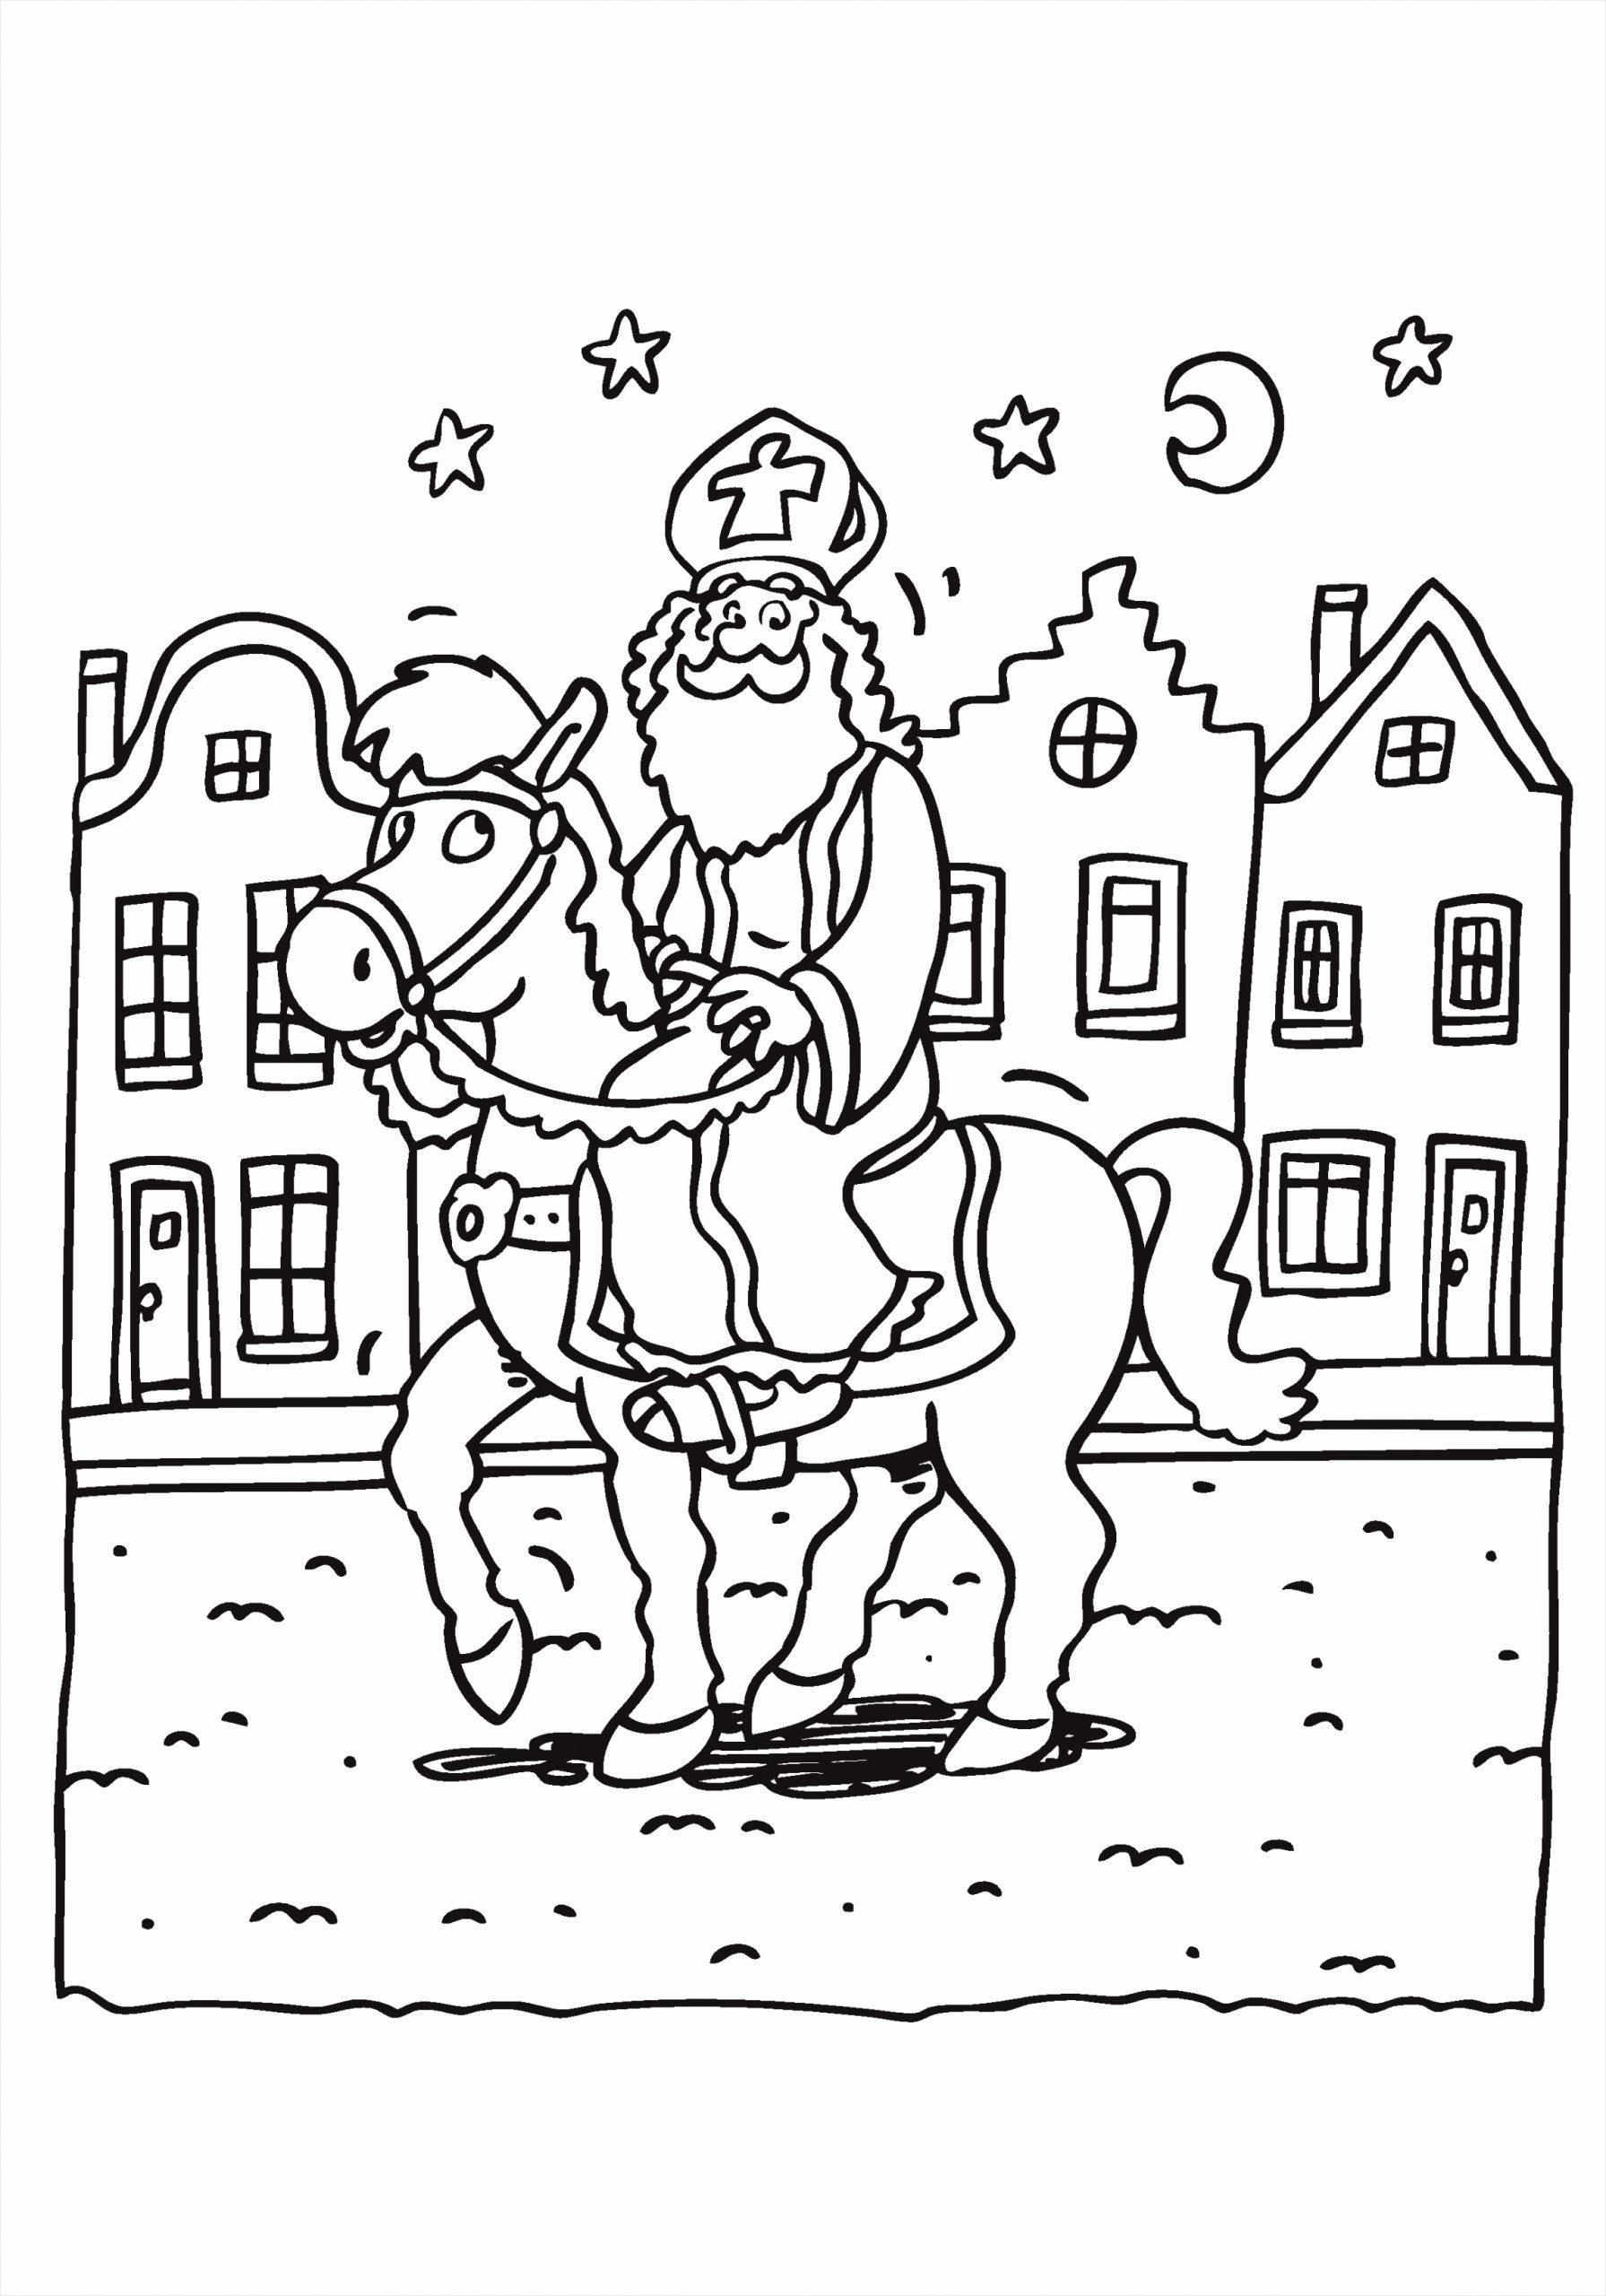 kleurplaat paard sinterklaas 6 aokiu